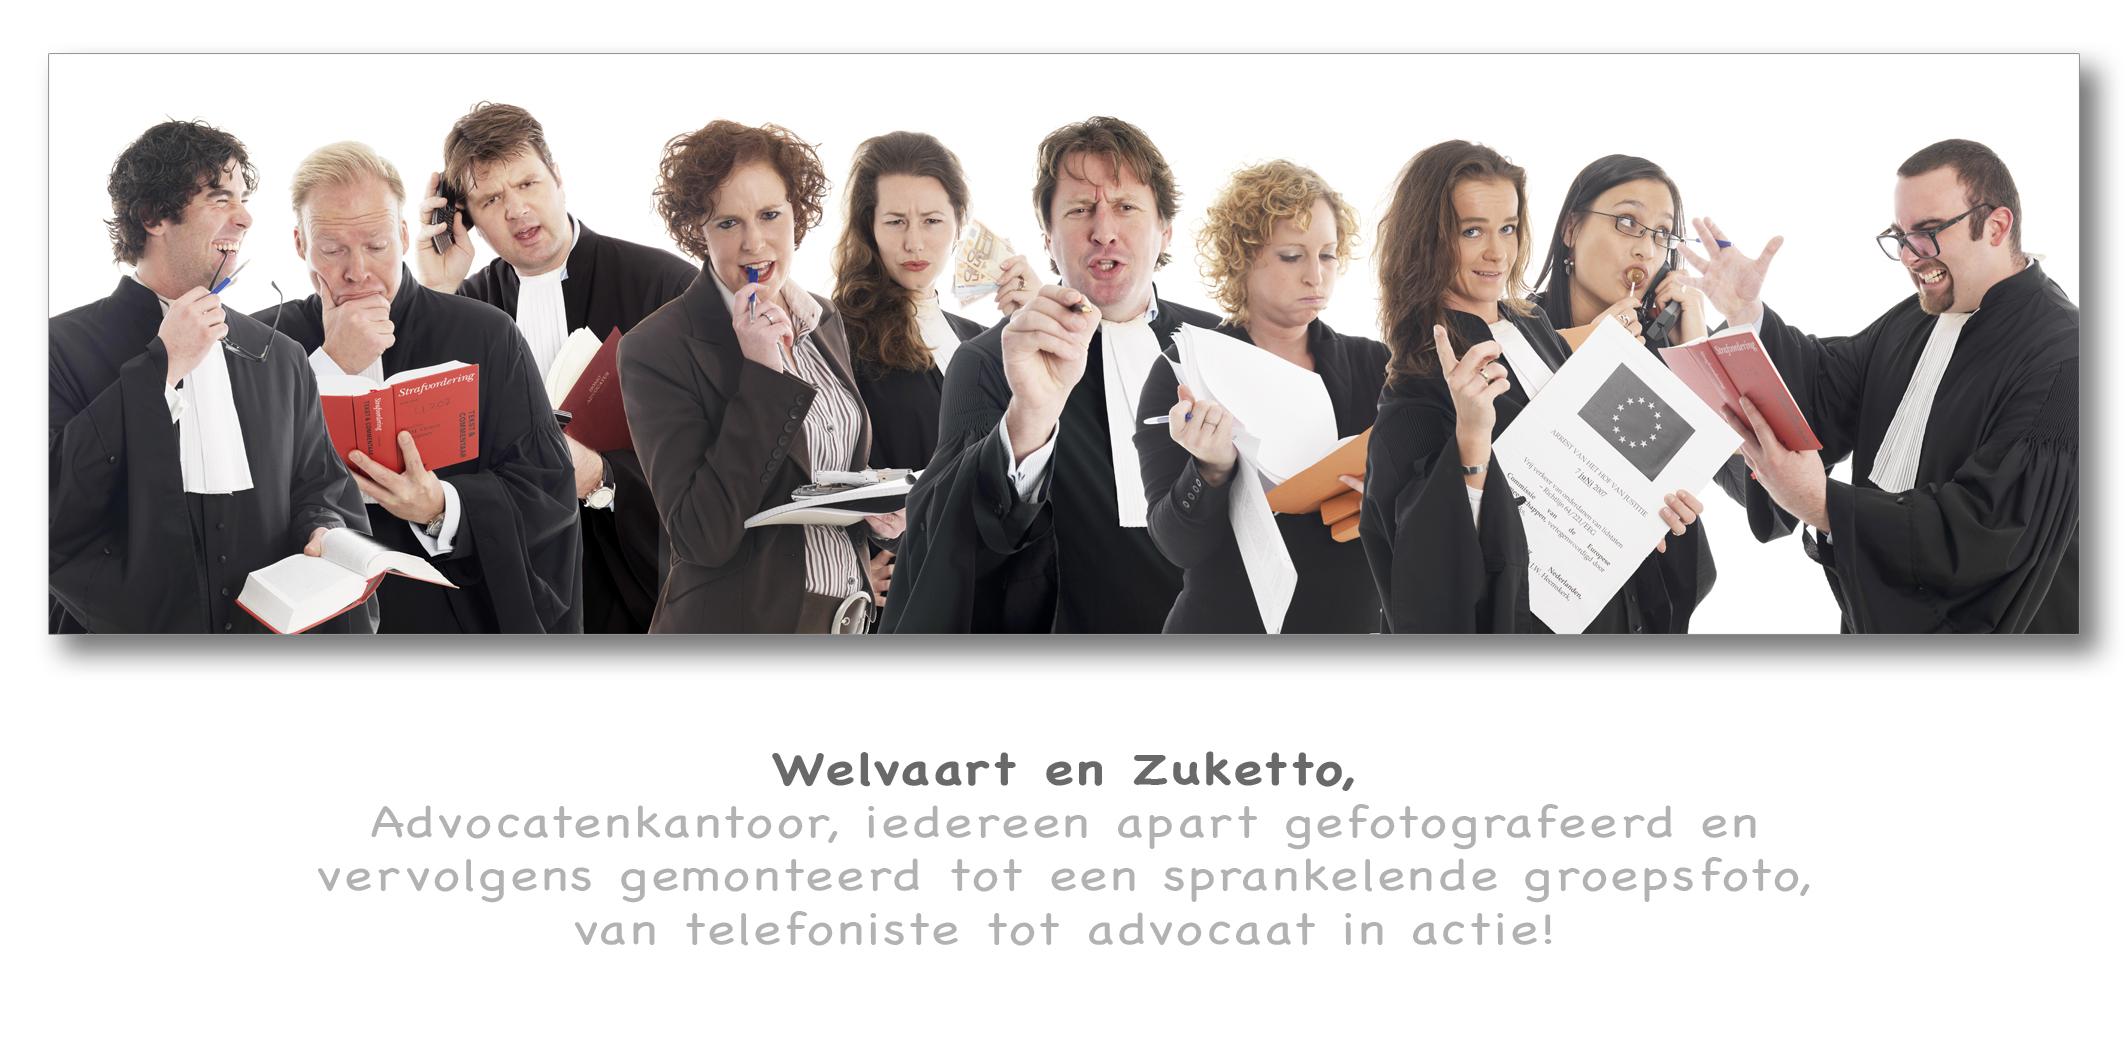 Welvaart en Zuketto.jpg